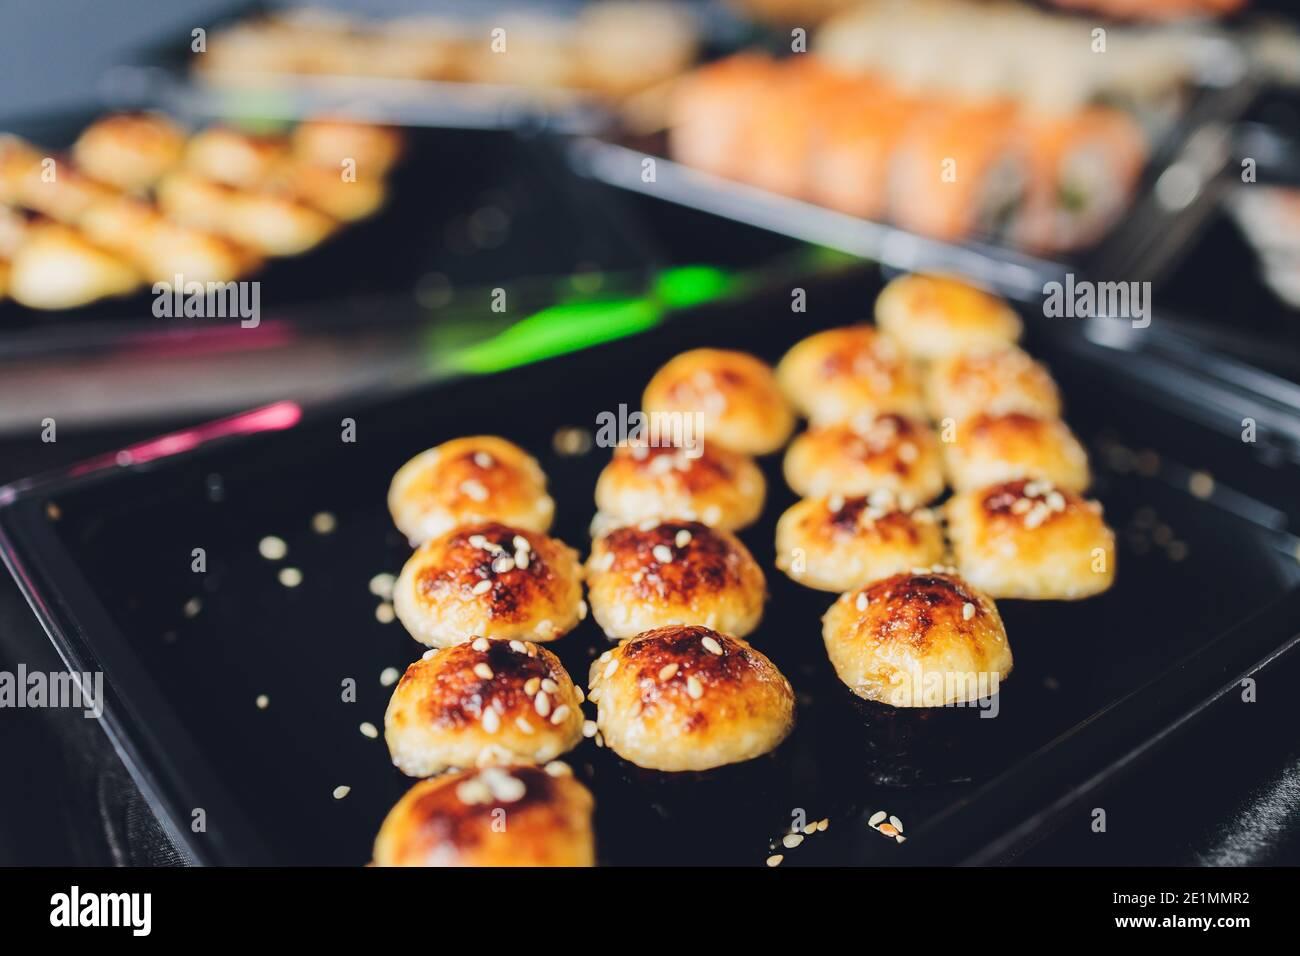 Table de cuisine asiatique avec divers types de plats chinois, nouilles, poulet, petits pains, sushis. Servi sur une ancienne table en bois, soupe asiatique, nouilles et sushi Banque D'Images